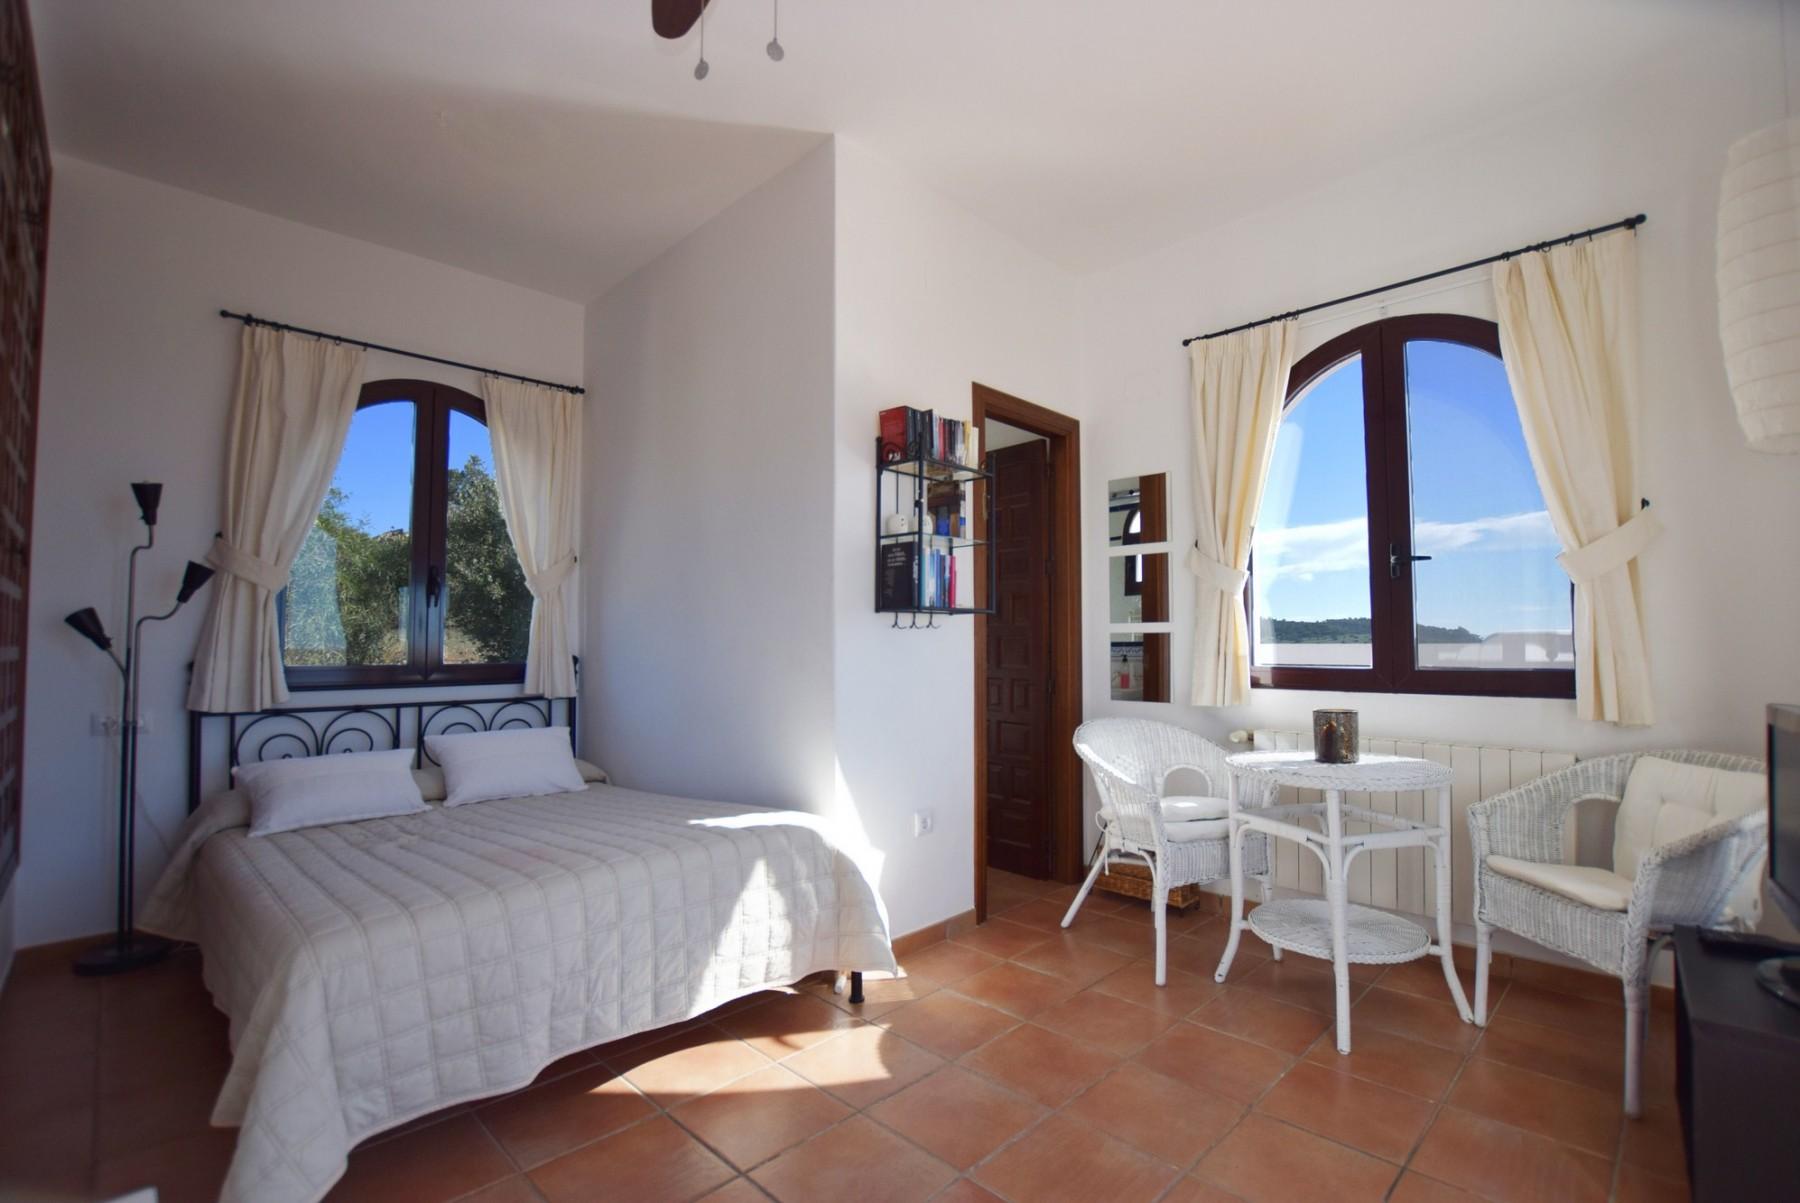 Casa Blanca - Dormitorio 2 con baño ensuite